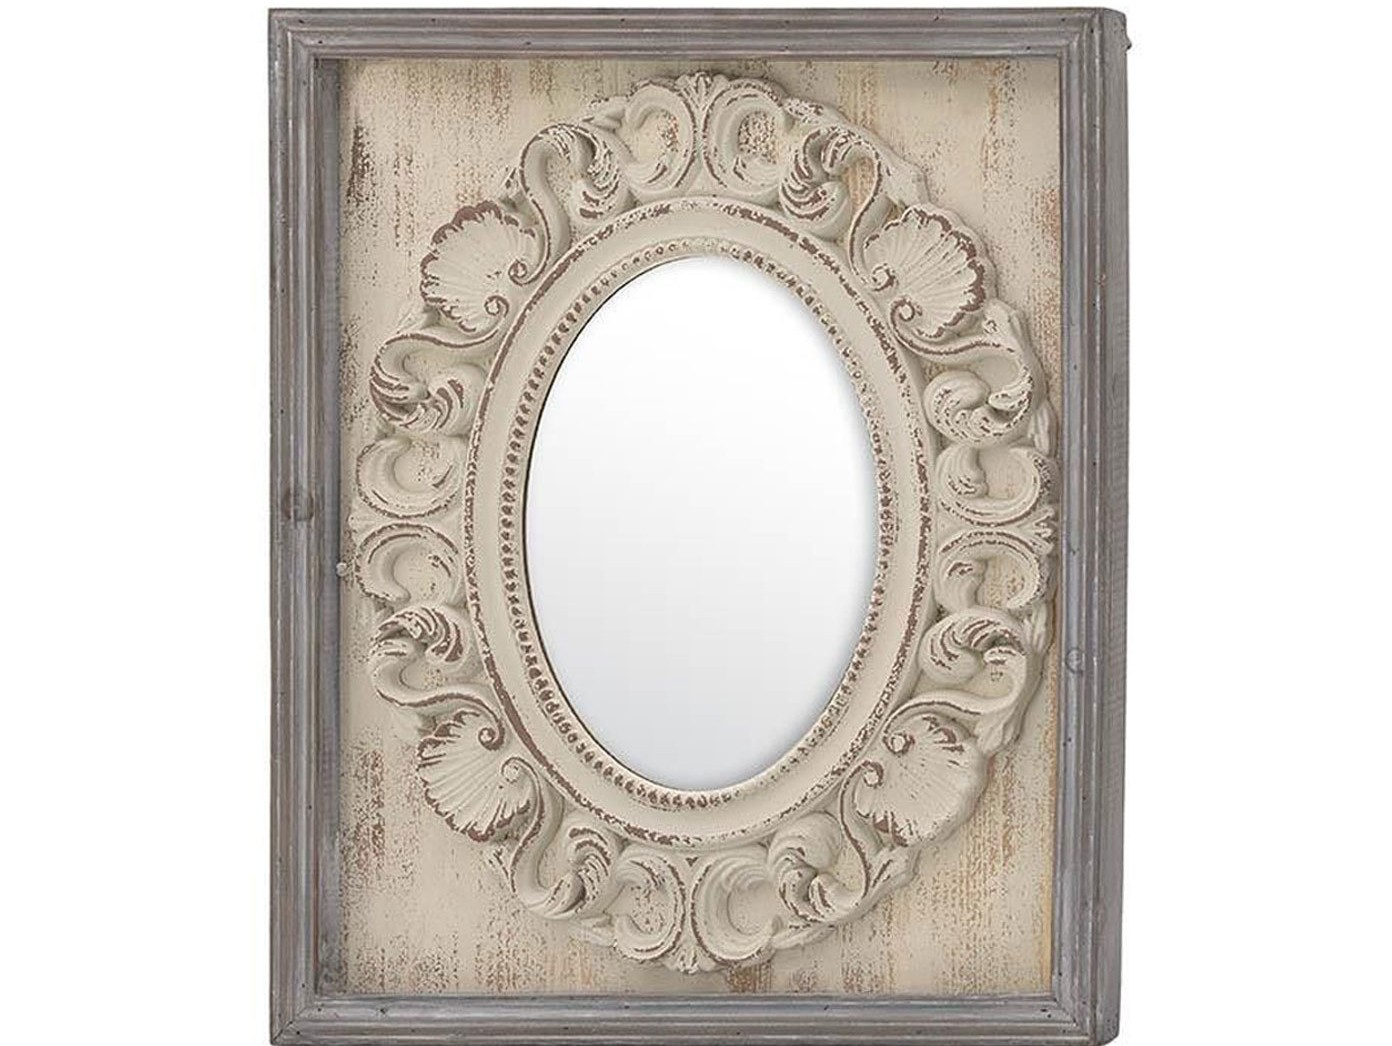 Зеркало настенное BrenvioНастенные зеркала<br><br><br>Material: Дерево<br>Width см: 49<br>Depth см: 3<br>Height см: 60